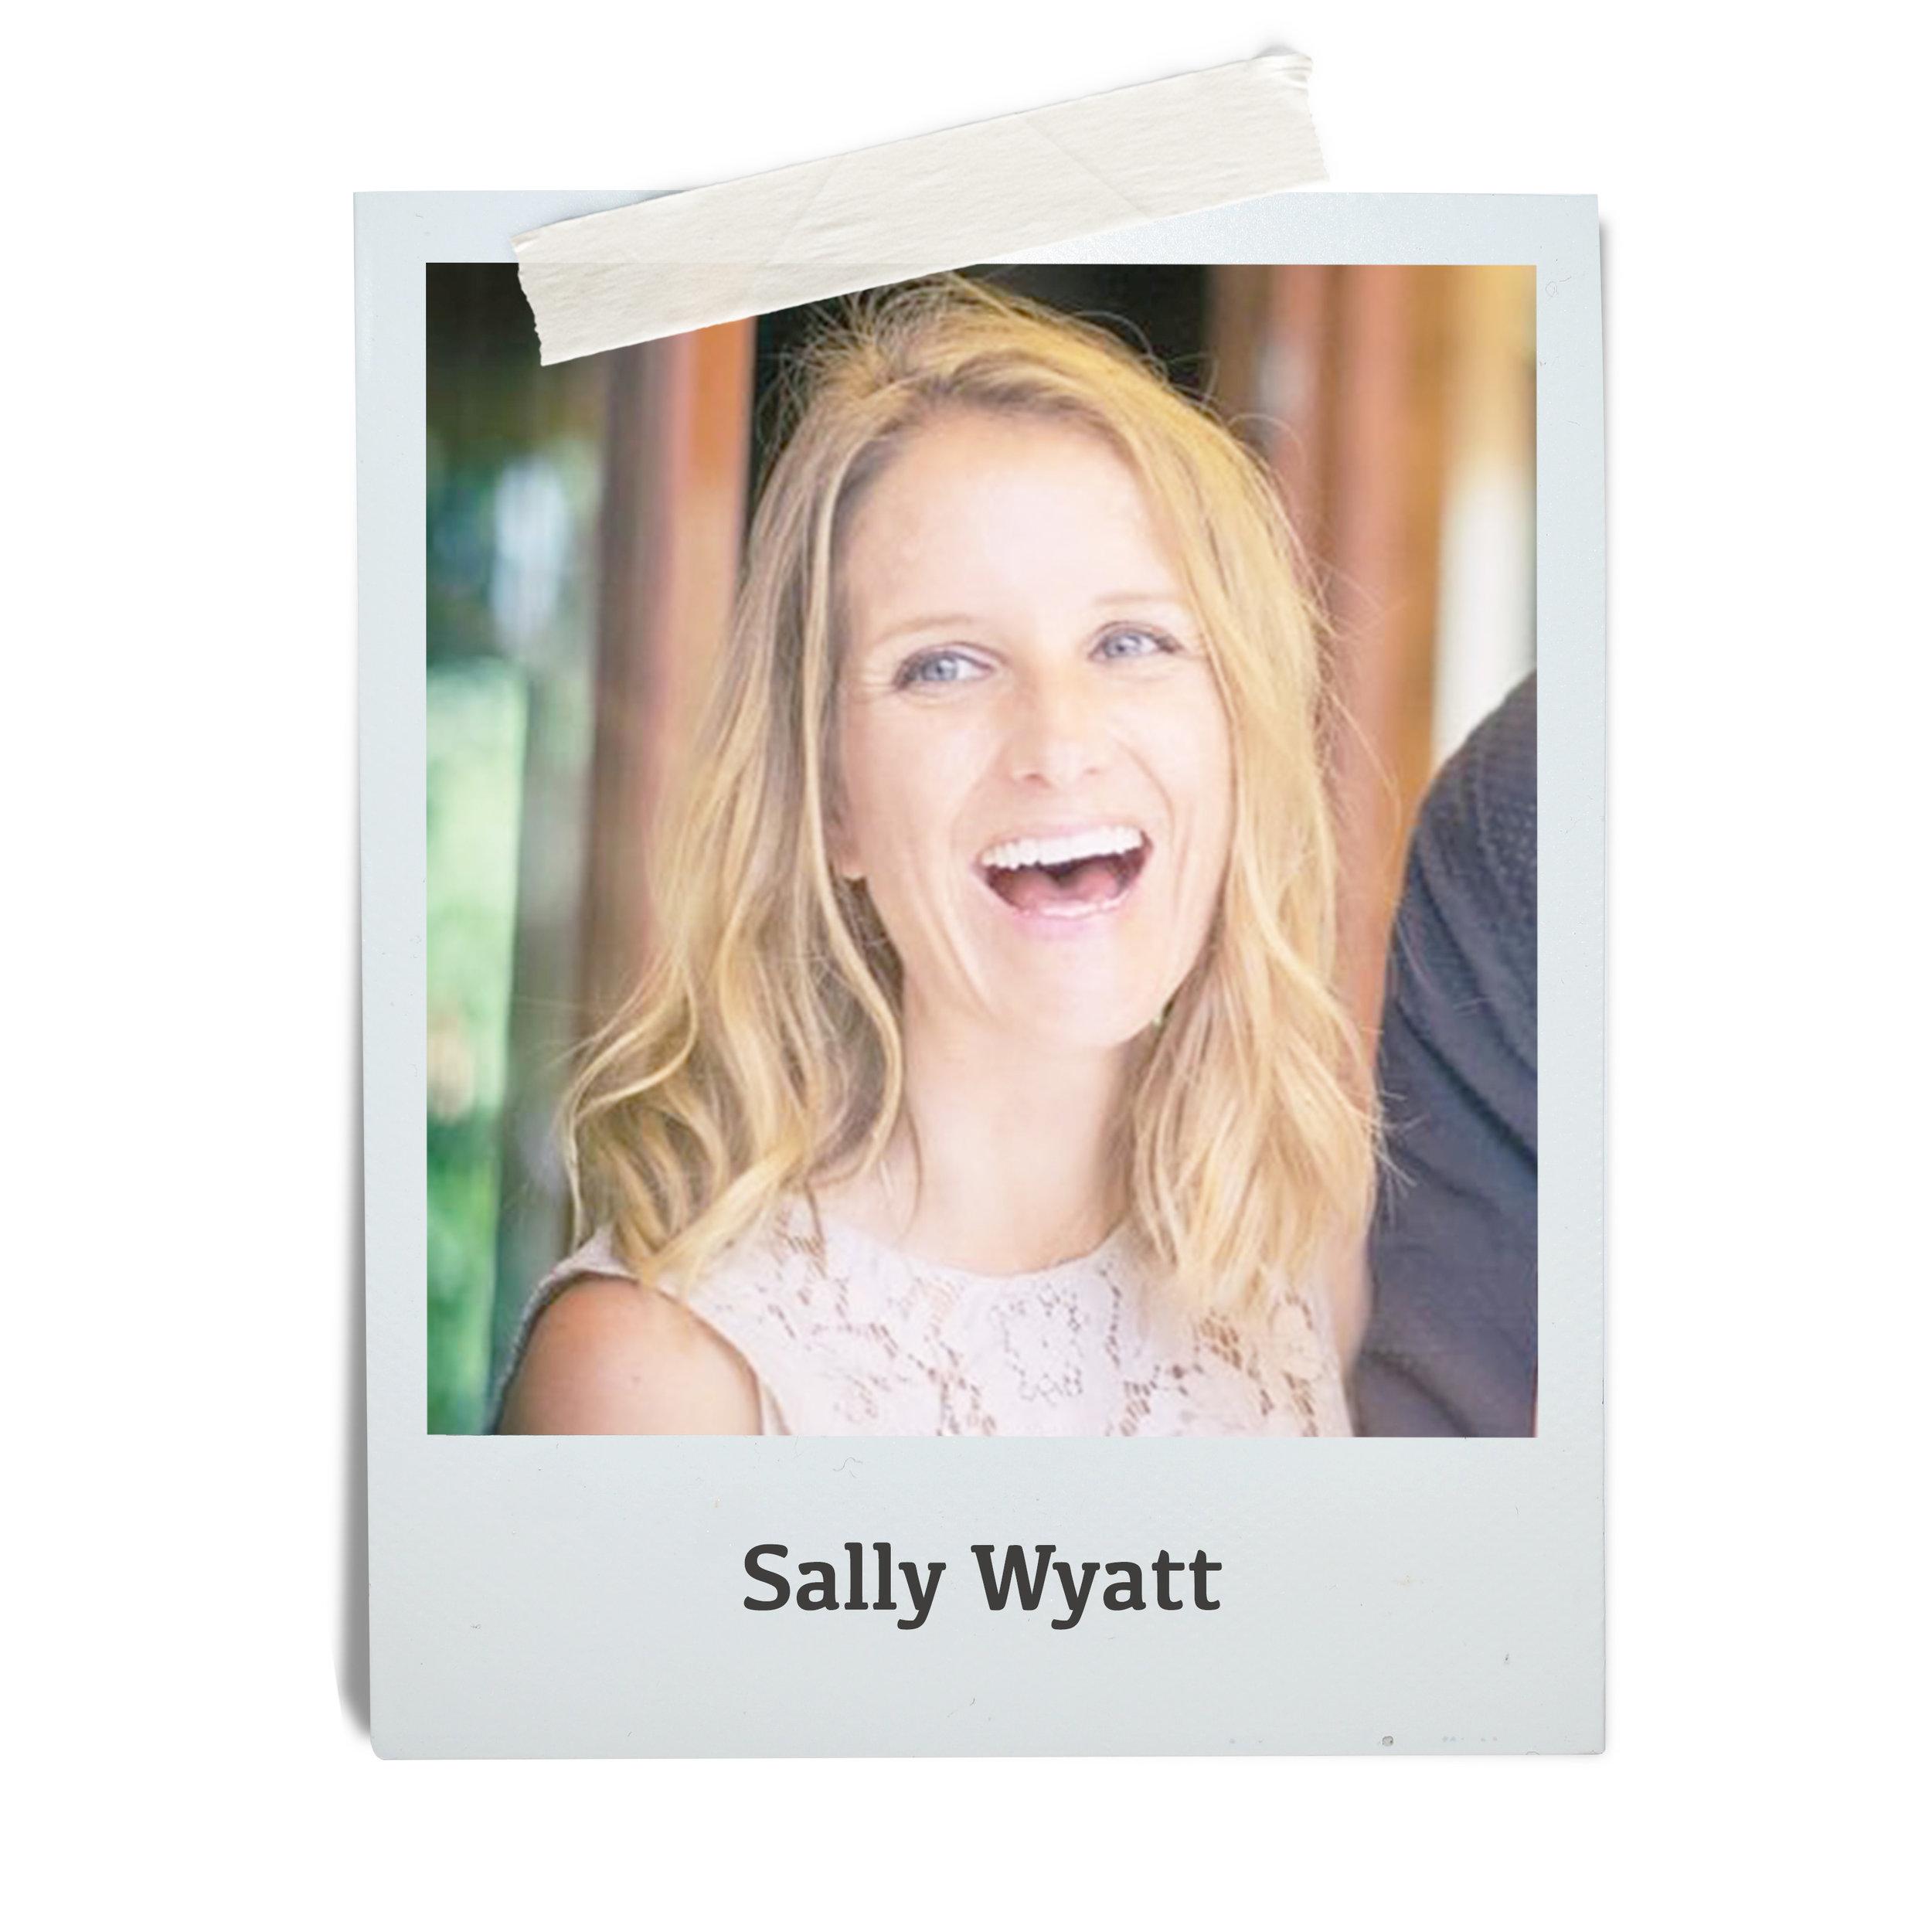 Sally Wyatt